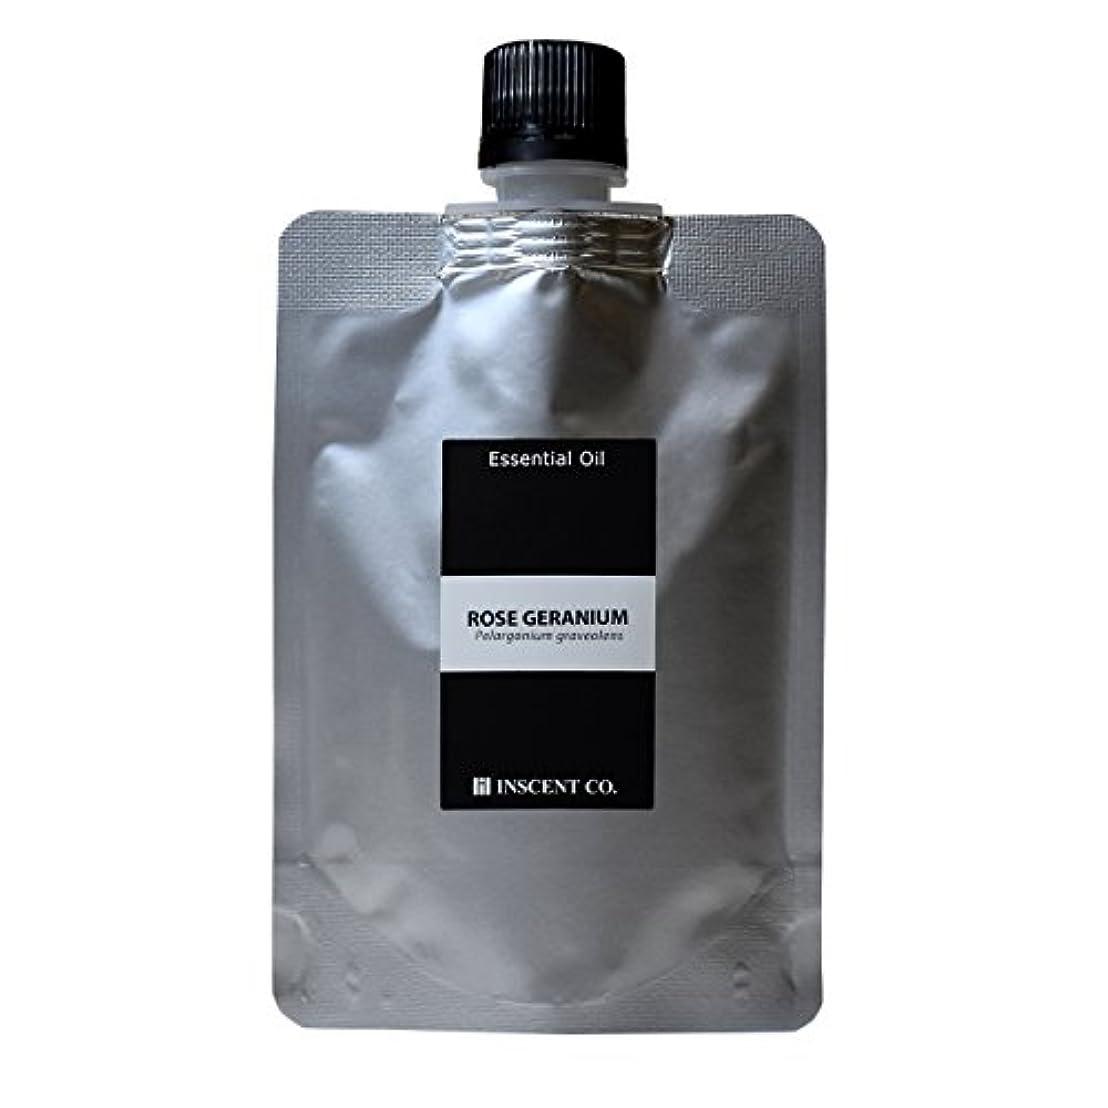 小さな脱走よろしく(詰替用 アルミパック) ローズゼラニウム 50ml インセント アロマオイル AEAJ 表示基準適合認定精油